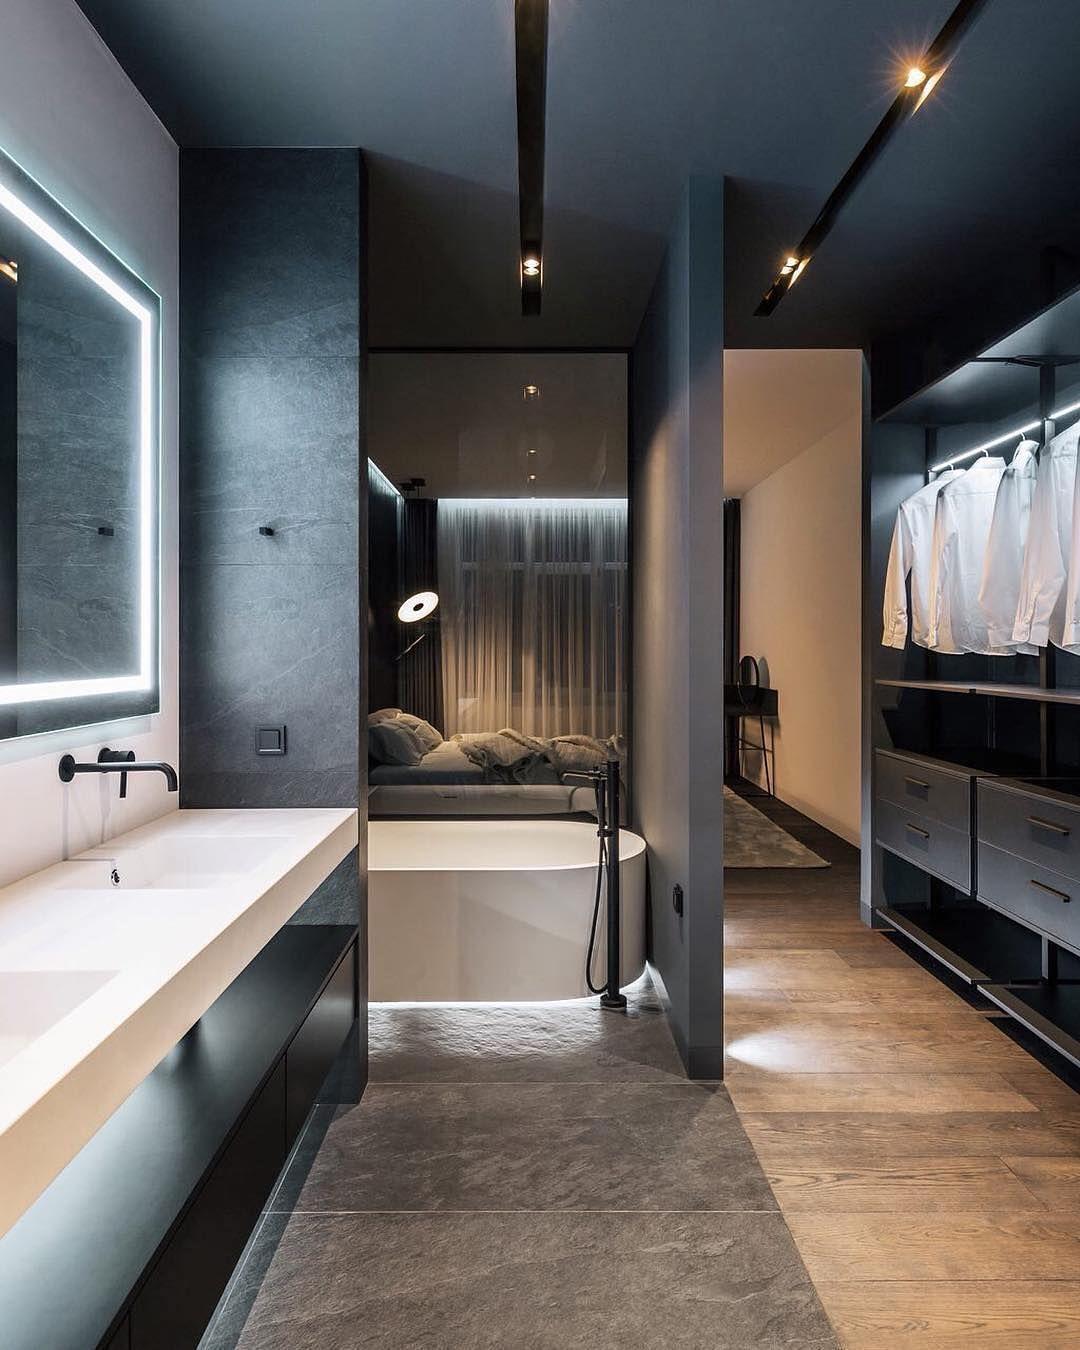 Bad Und Schlafzimmer Perfekt Integriert Was Sagt Ihr By Yodezeen Architects Via Architectu Badezimmereinrichtung Haus Design Modernes Badezimmerdesign